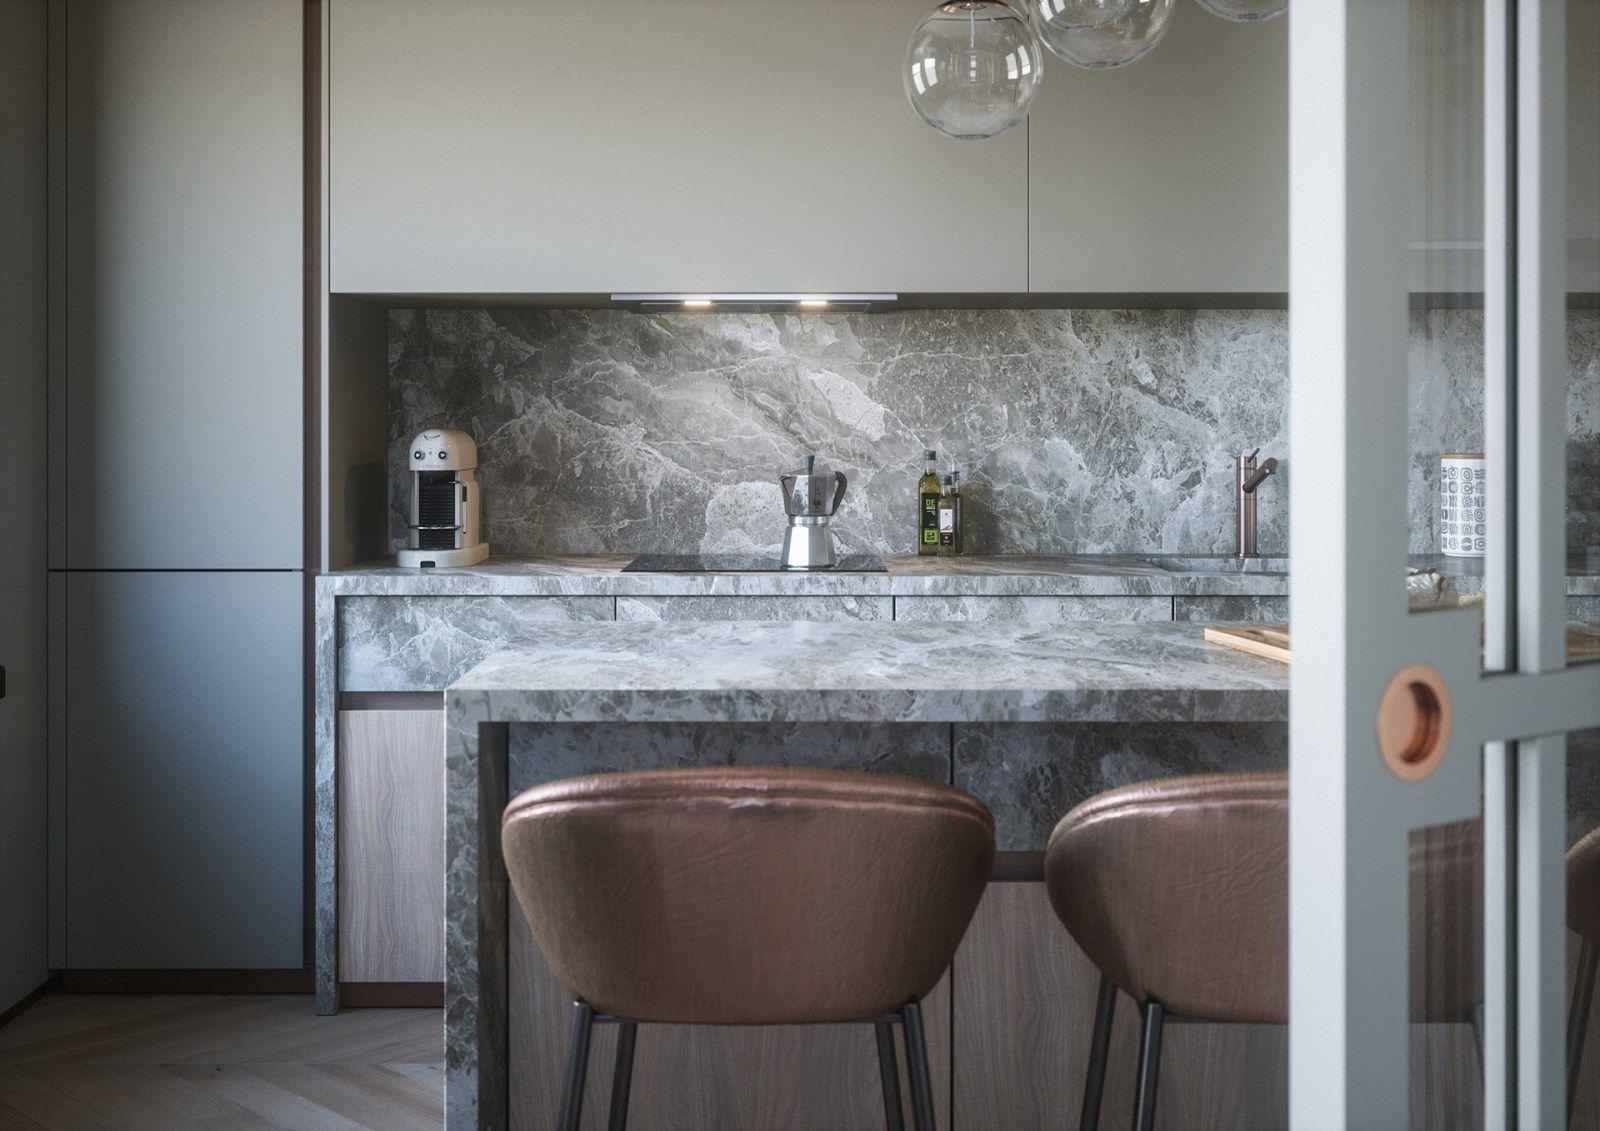 Tolle Clasico Küche Bar Fotos - Ideen Für Die Küche Dekoration ...